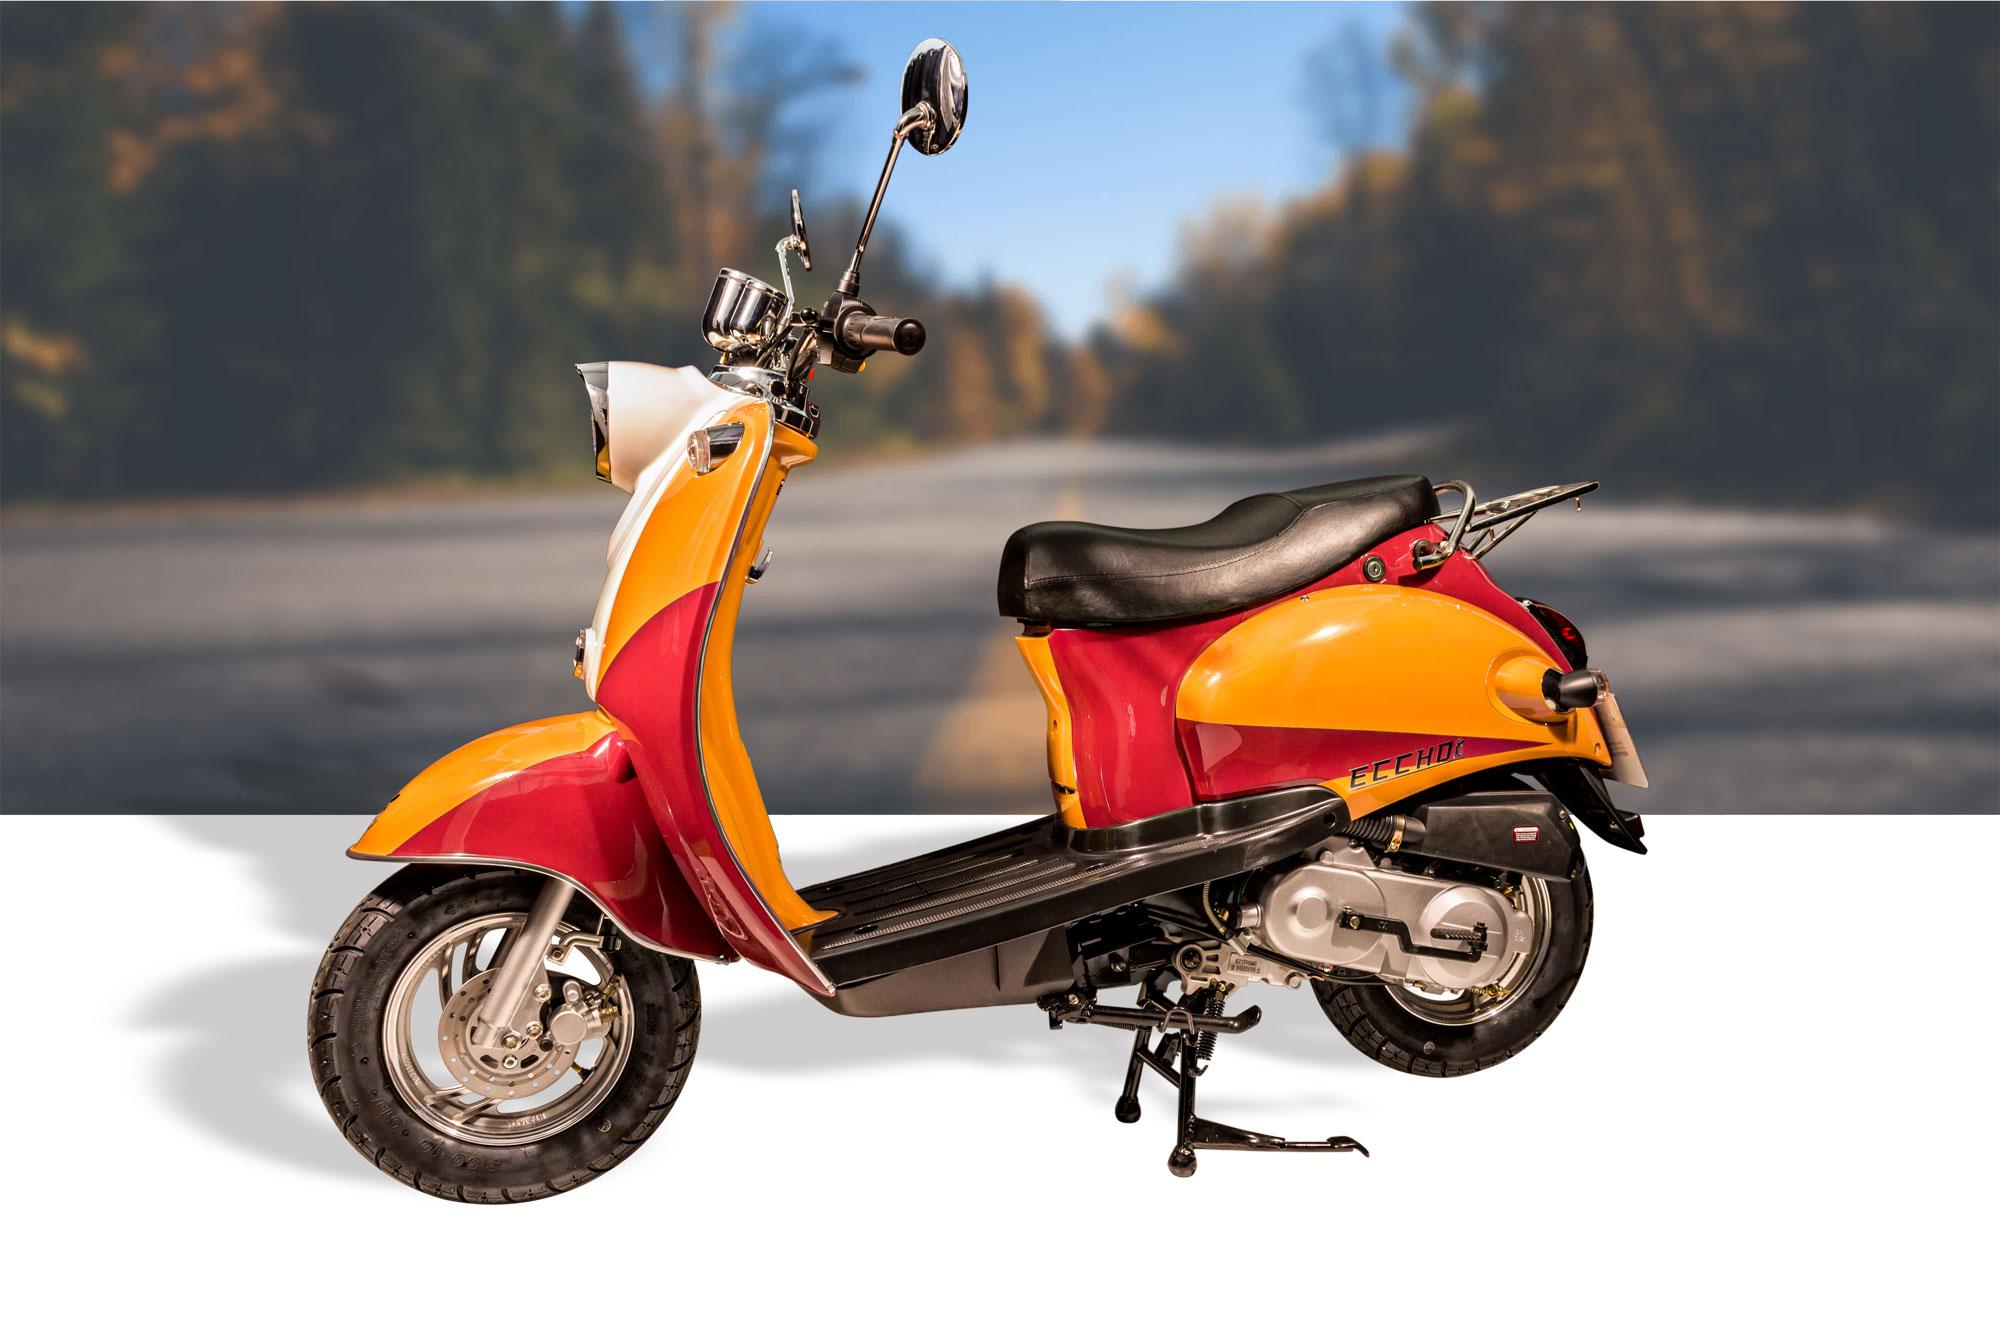 scooter ty50qt k jam scooters eccho cholet acheter un. Black Bedroom Furniture Sets. Home Design Ideas